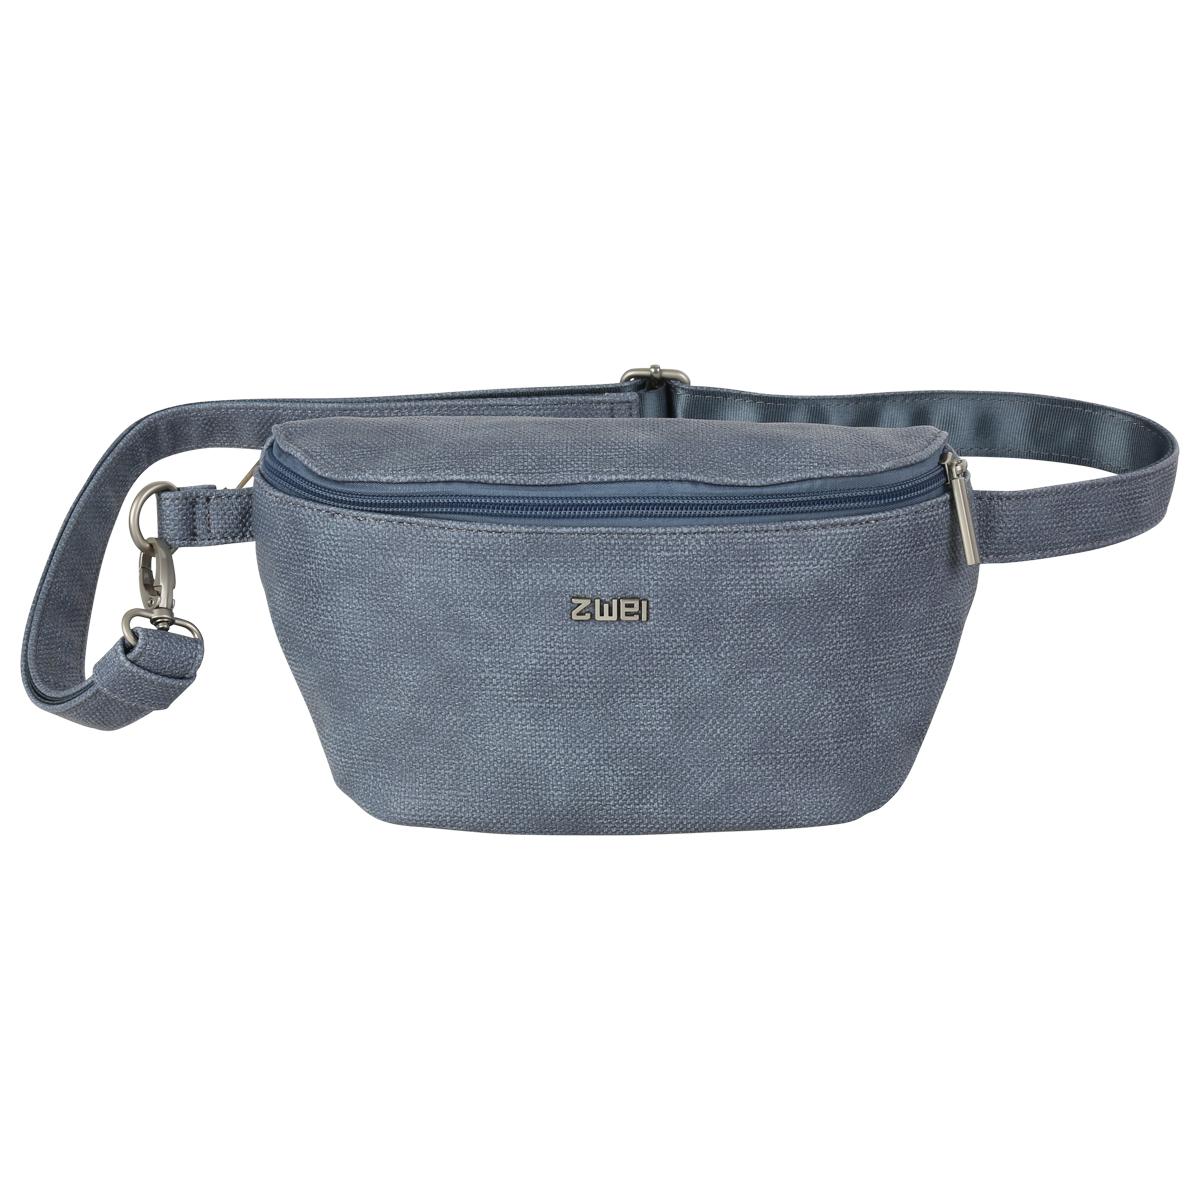 Durchsuchen Sie die neuesten Kollektionen heiße Angebote Mode Zwei MH4 Mademoiselle Frauen Gürteltasche Damen Bauchtasche Hüfttasche